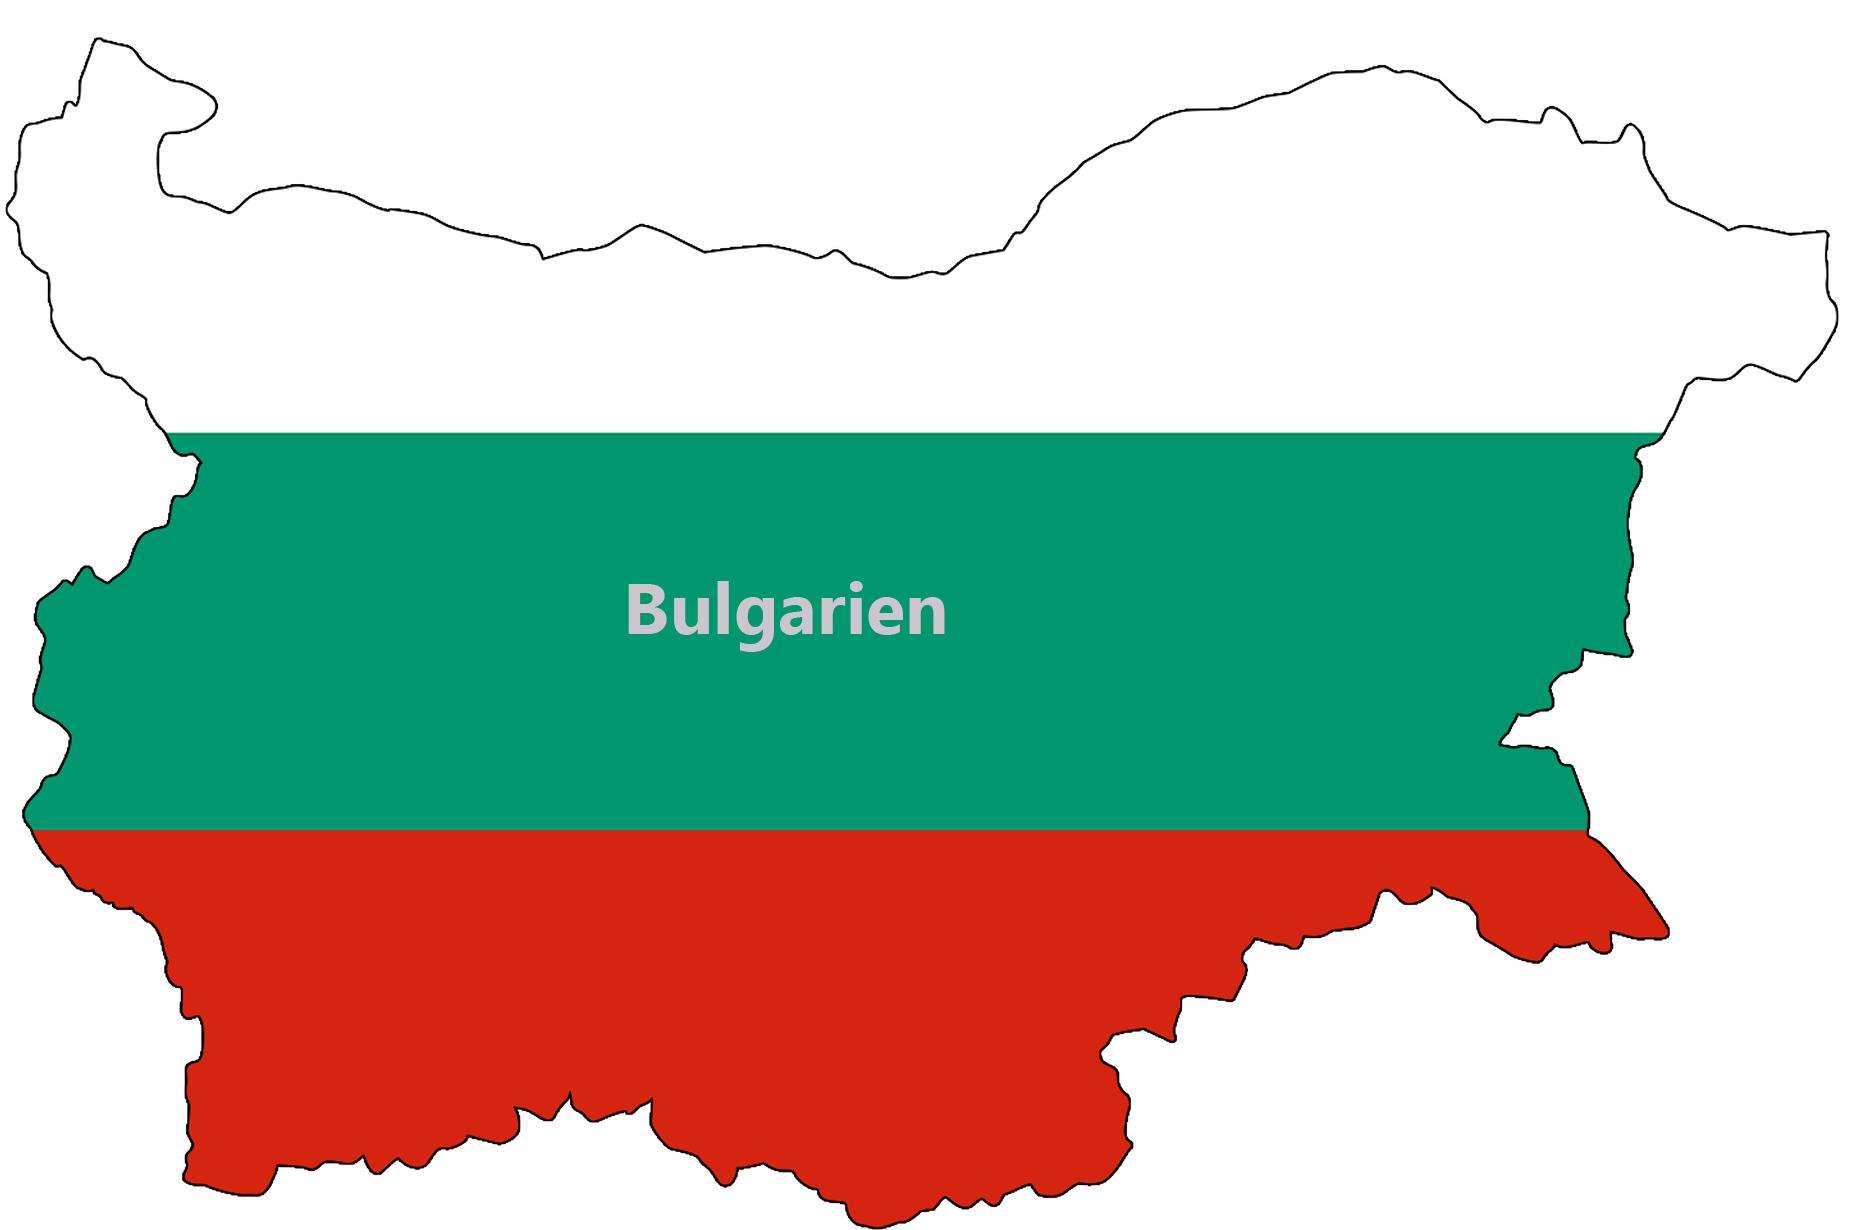 Bulgarien Auf Englisch